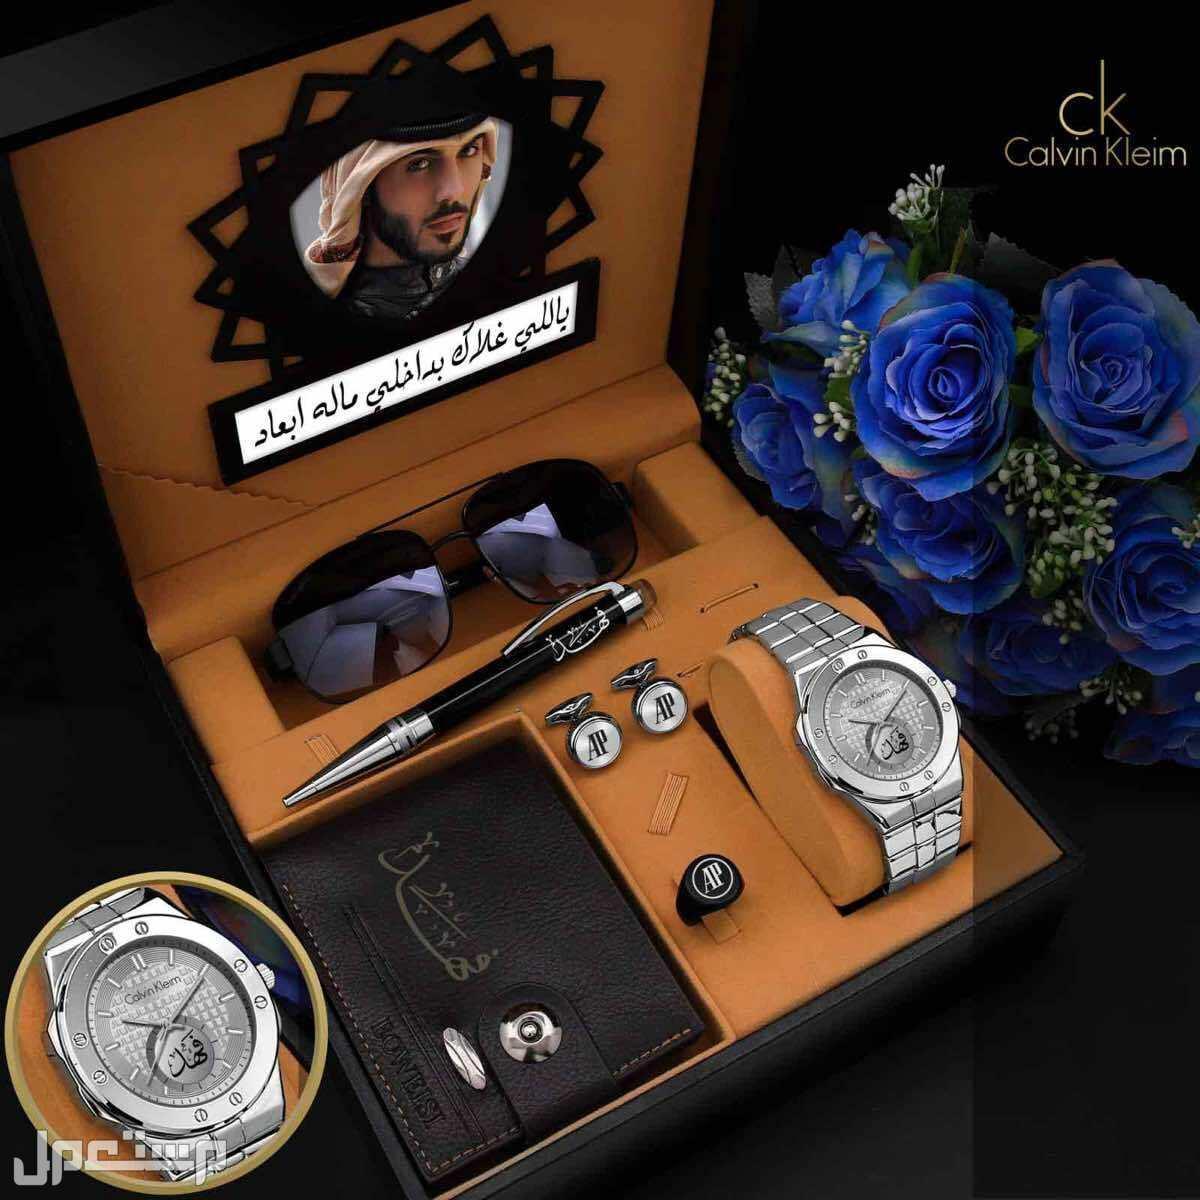 بوكس هدايا رجالي ساعه قلم كبك شنطه محفظه نظاره ميداليه سبحه تصميم بالطلب